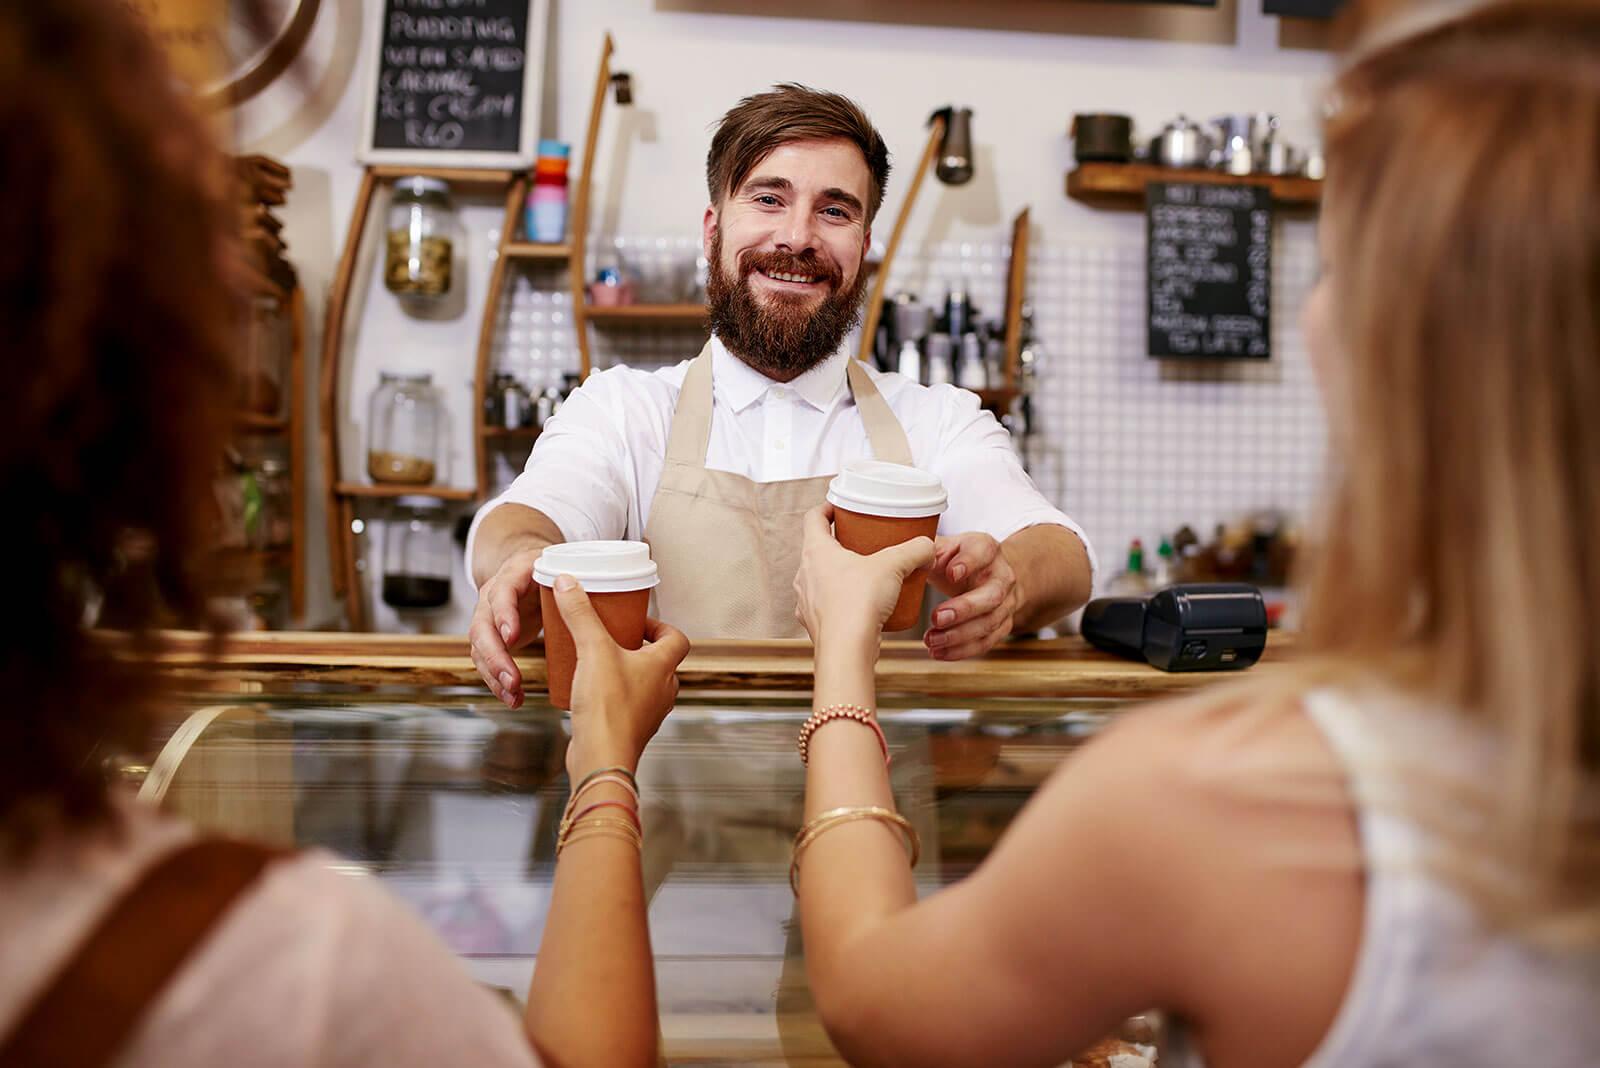 Ein Mann hinter der Theke reicht seinen Kundinnen Kaffee